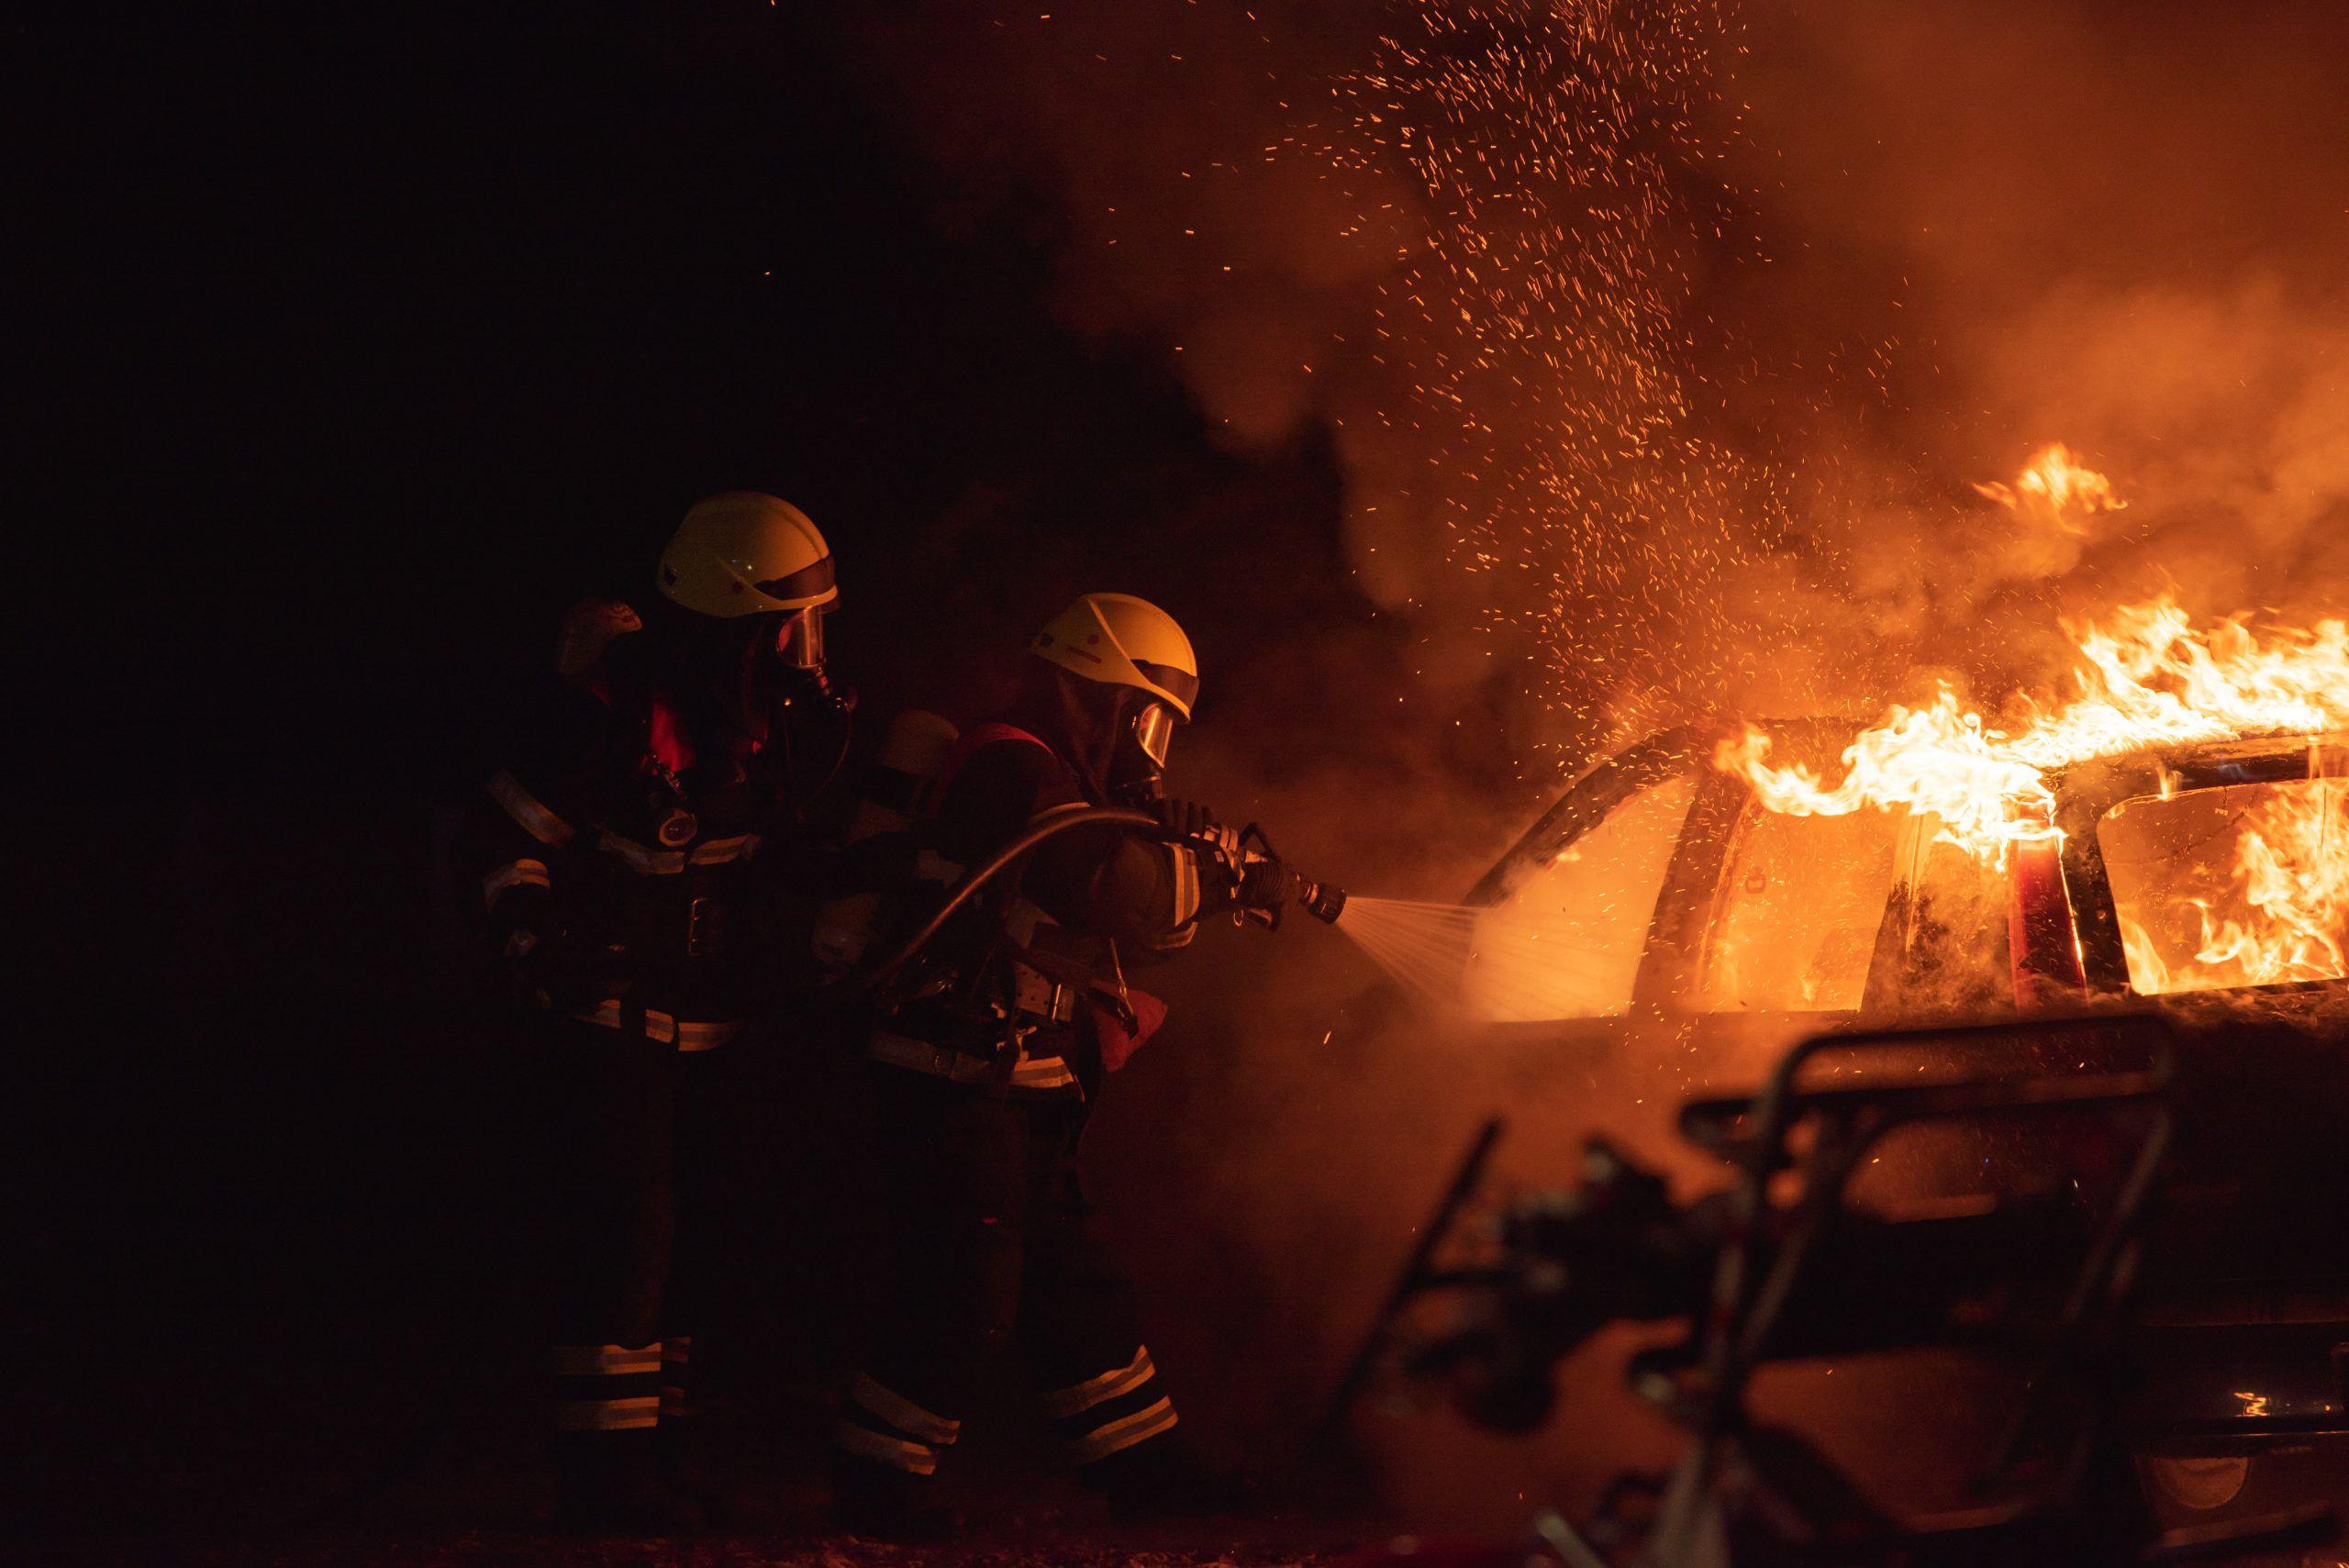 Estudo avalia o impacto do combate a incêndios na saúde mental dos bombeiros